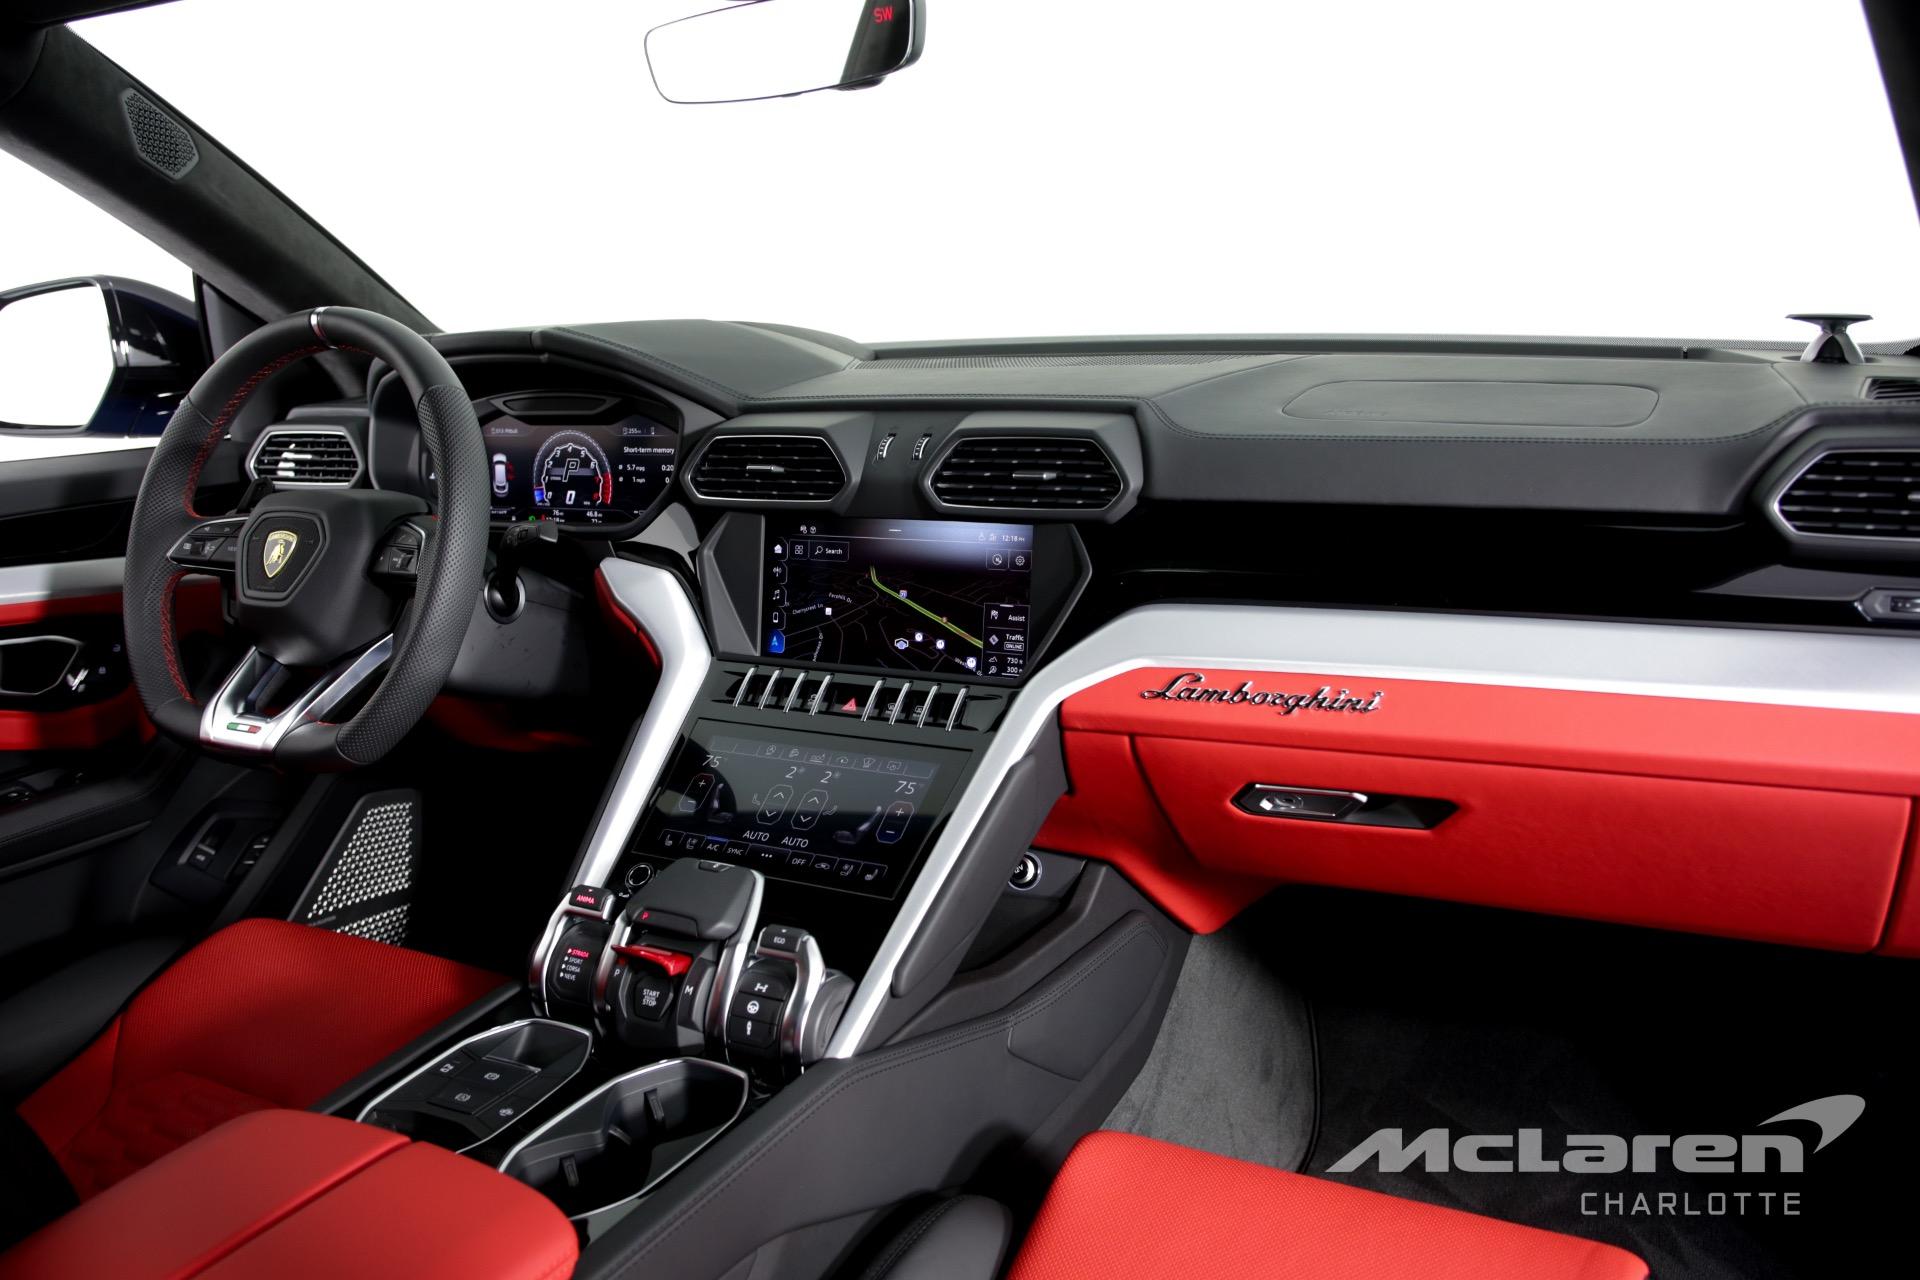 Used 2019 Lamborghini Urus For Sale ($249,996) | McLaren